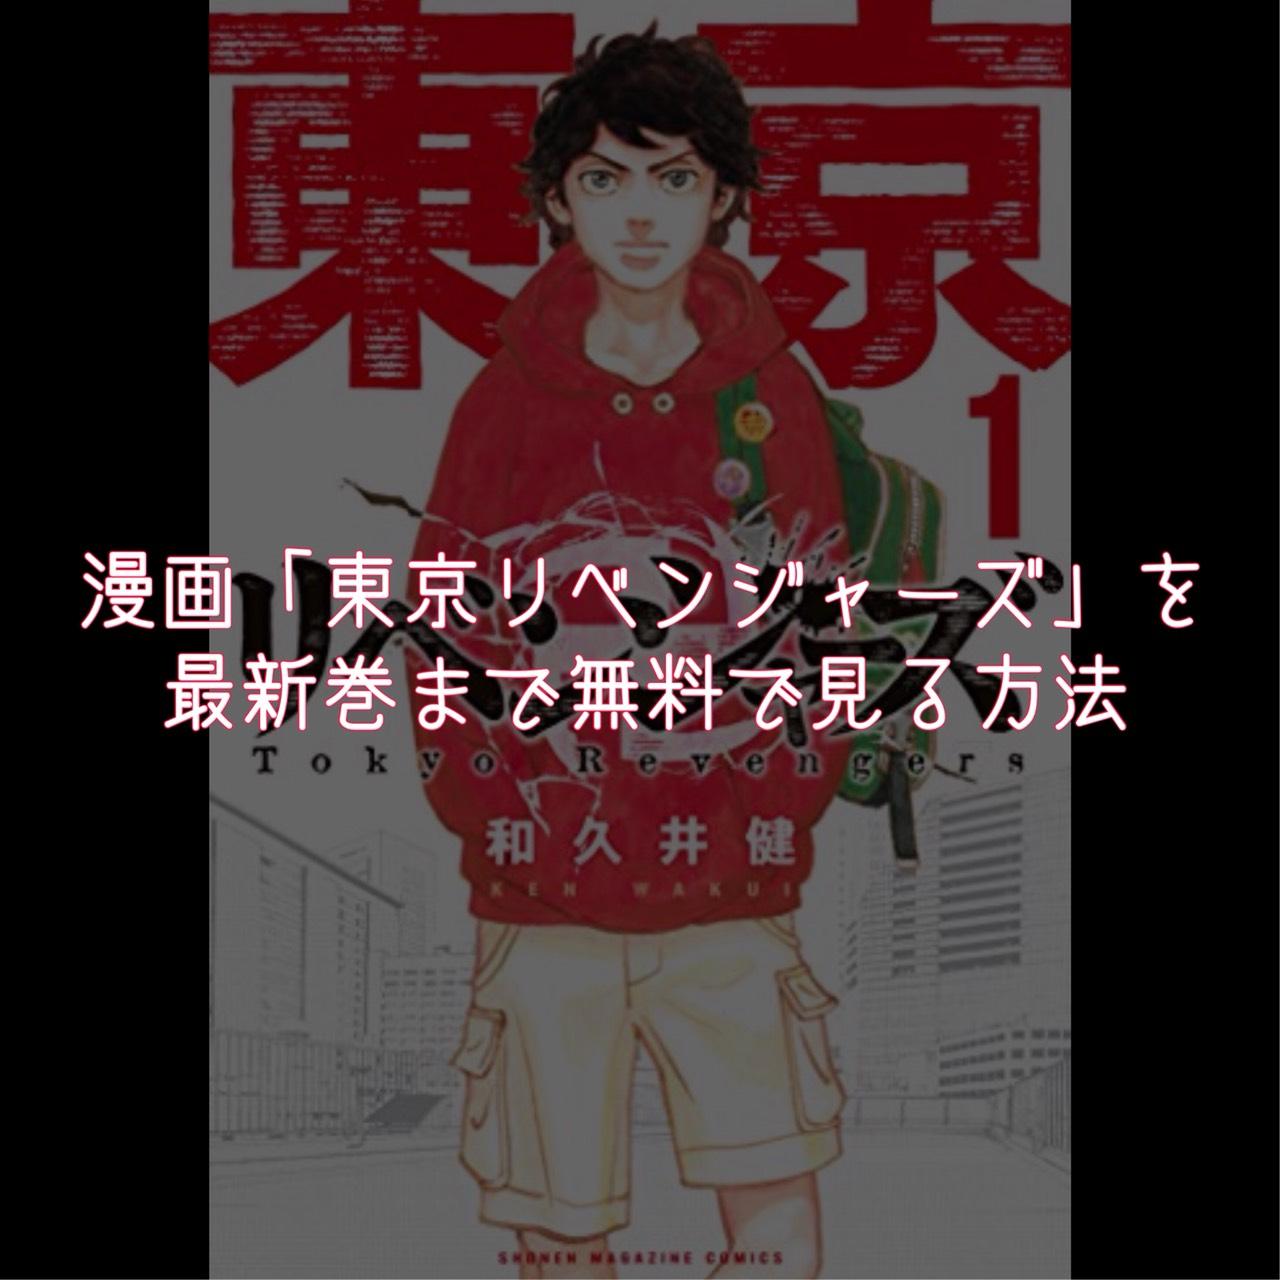 ズ バンク 卍 漫画 リベンジャー 東京